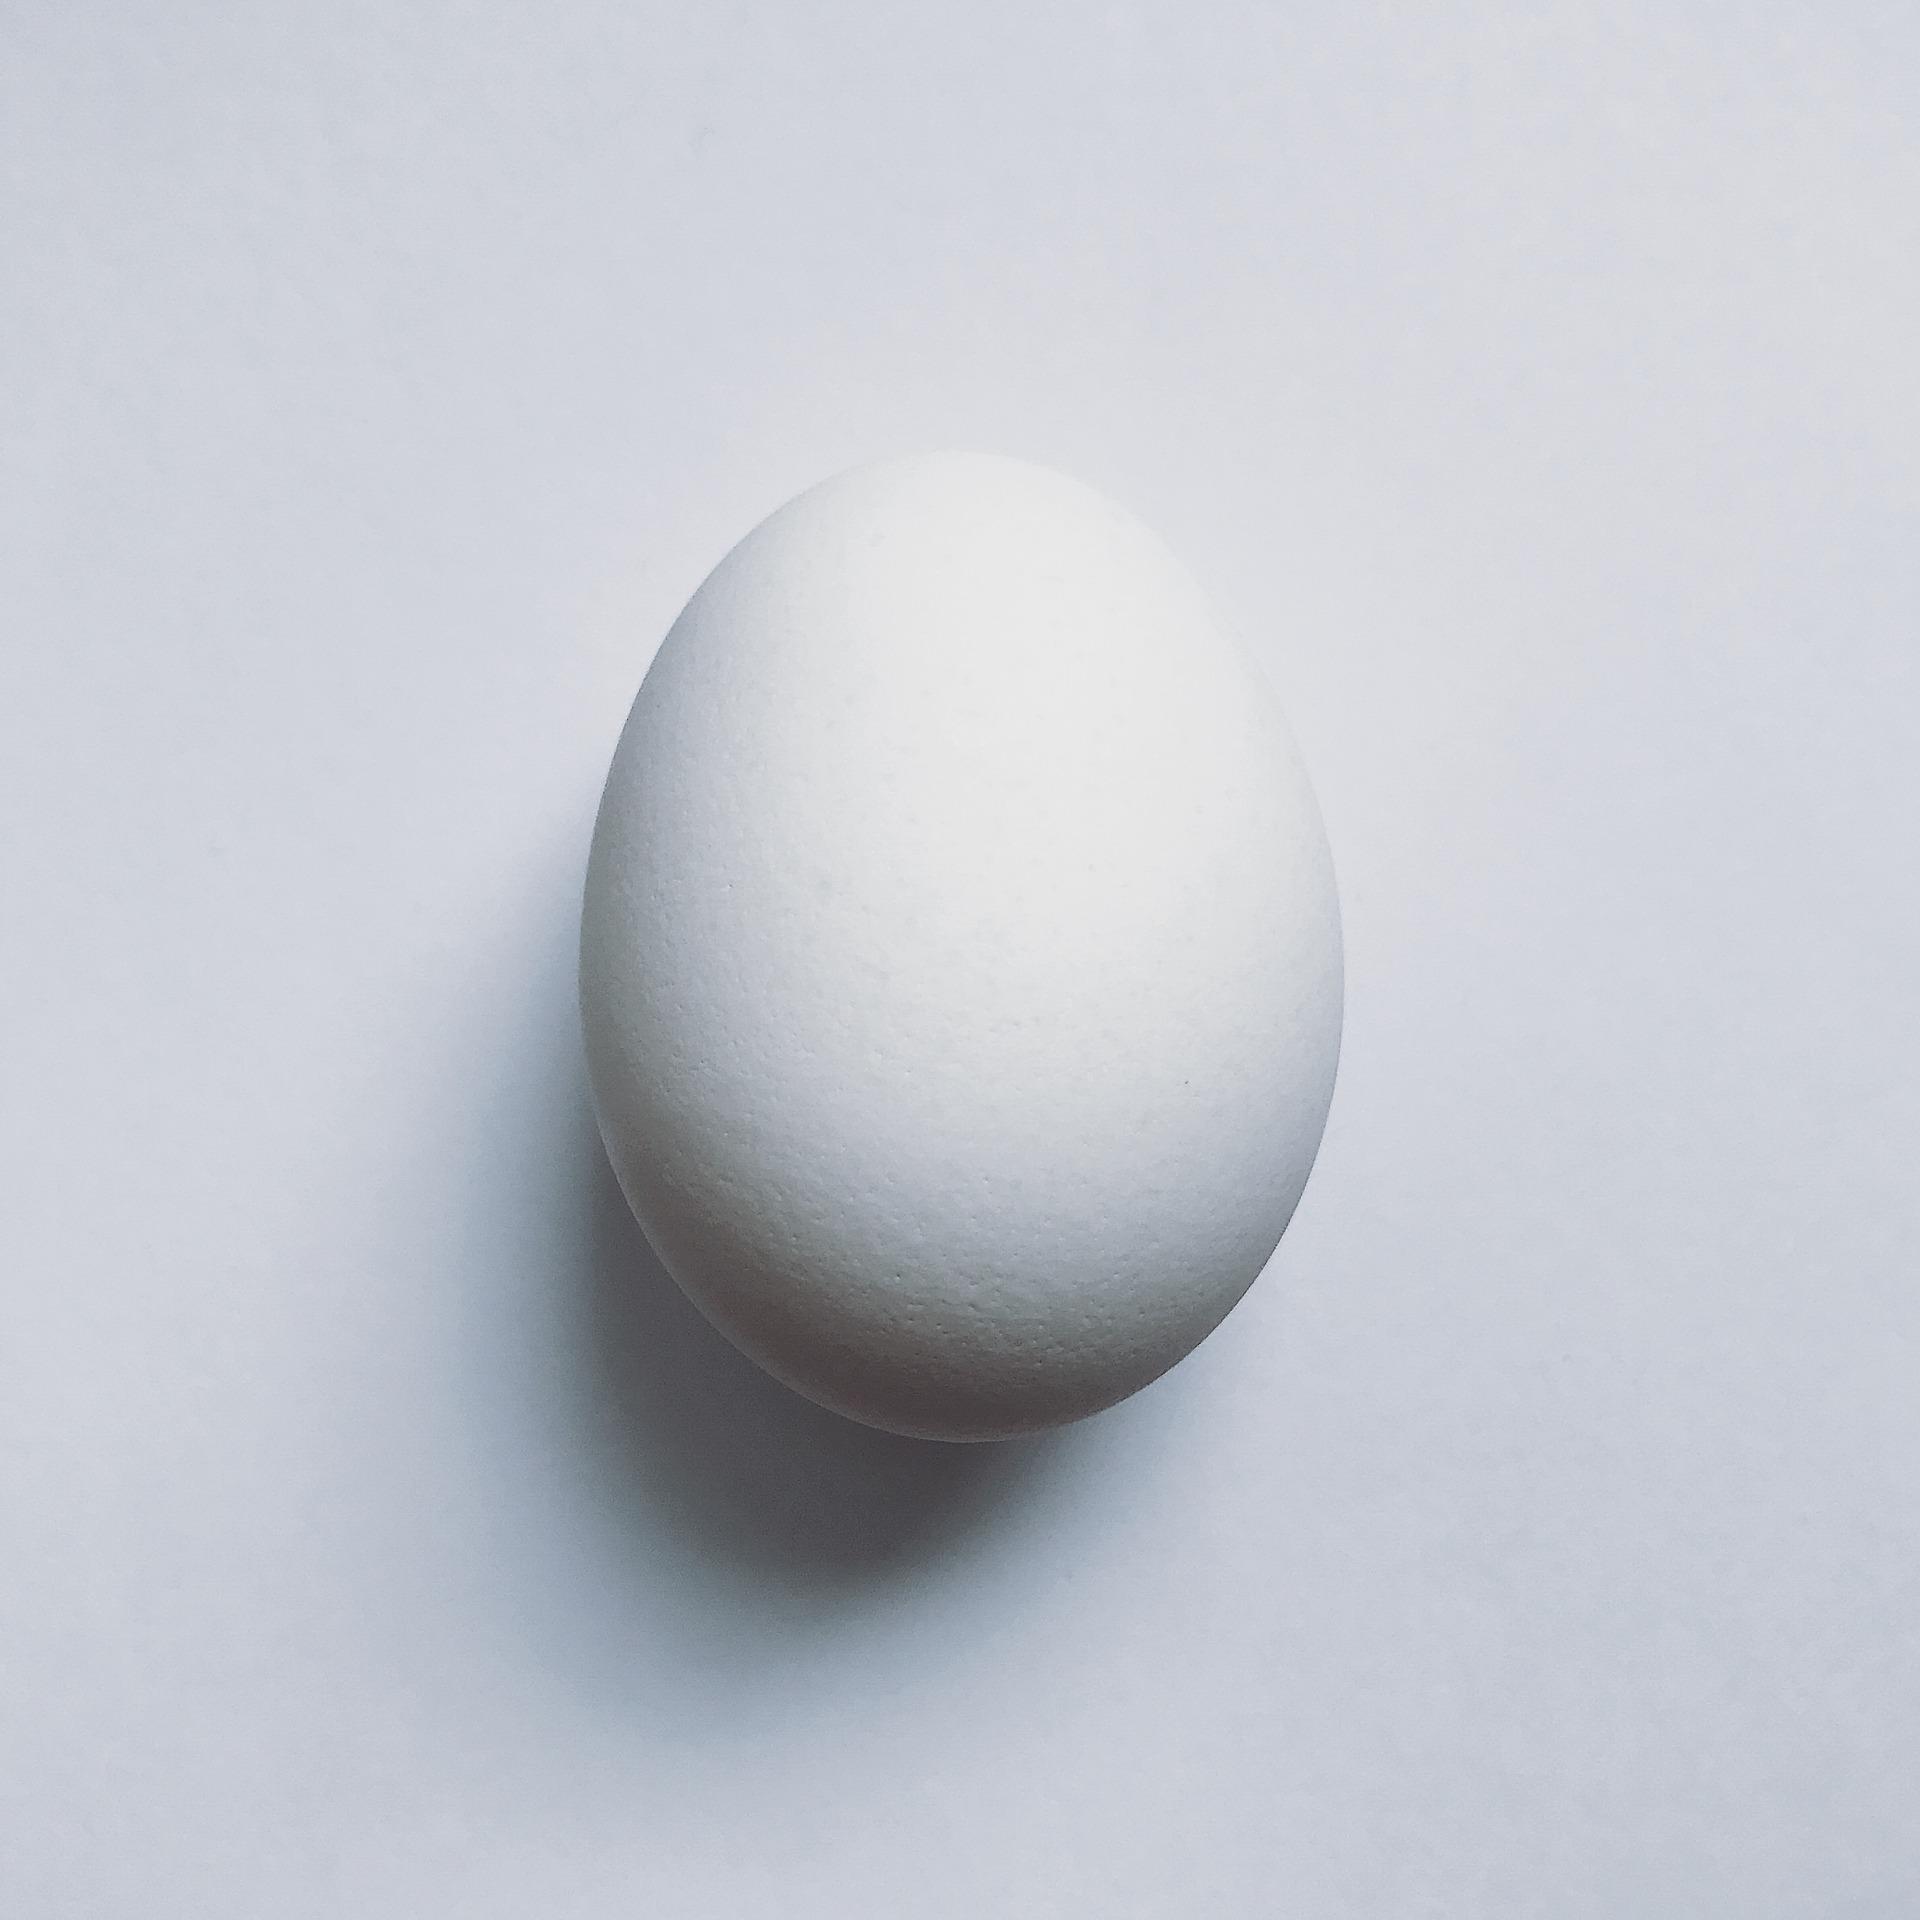 egg-2052398_1920.jpg